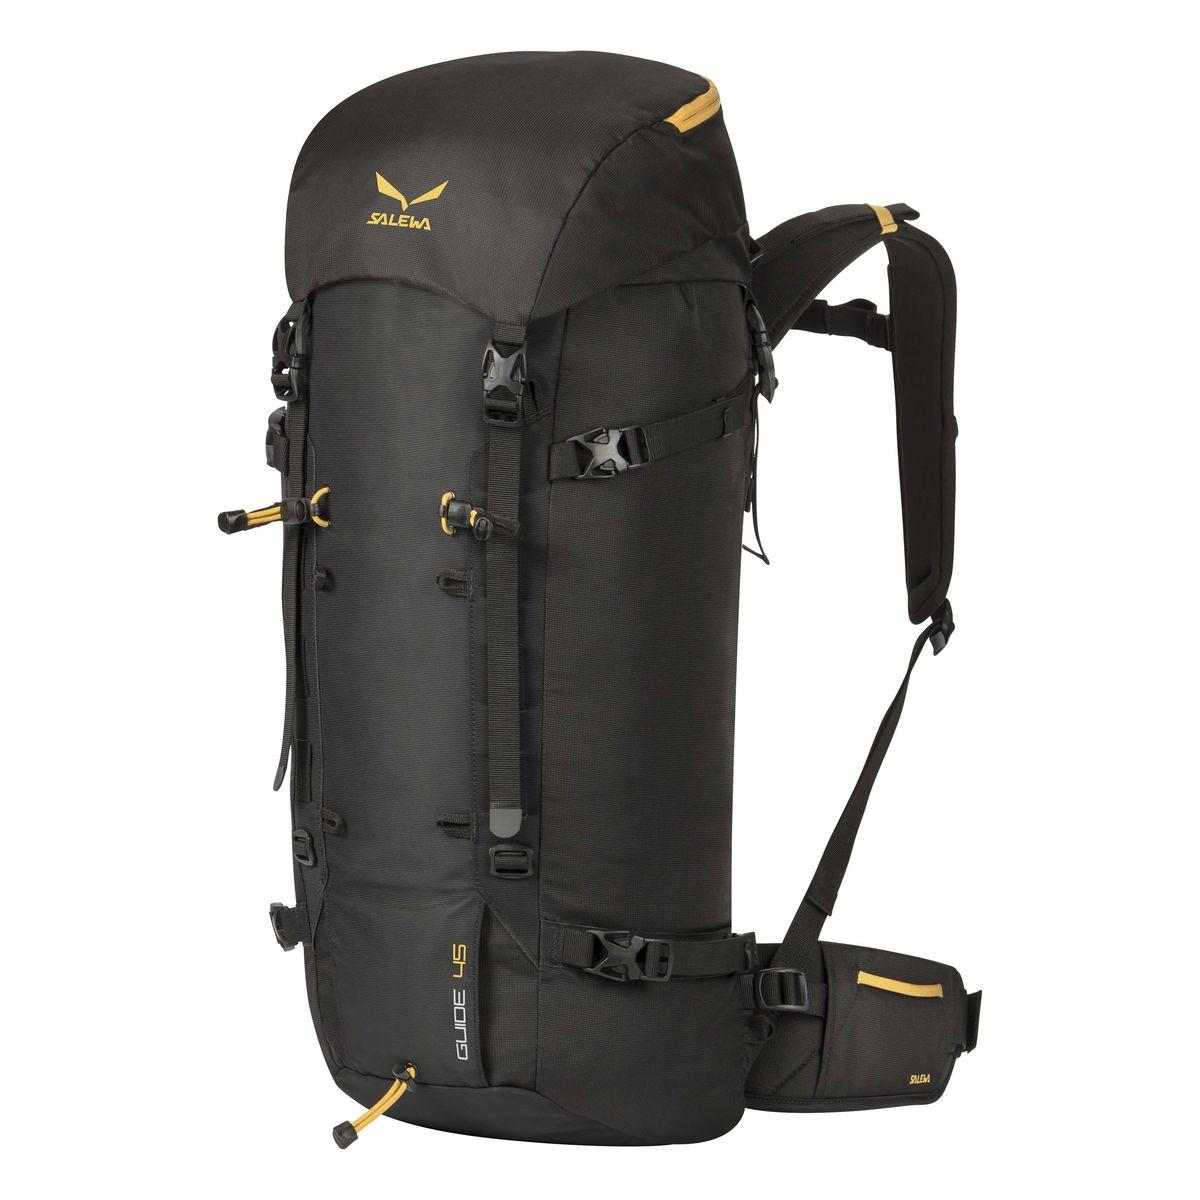 Рюкзак туристический Salewa Guide 45, цвет: черный, 45л